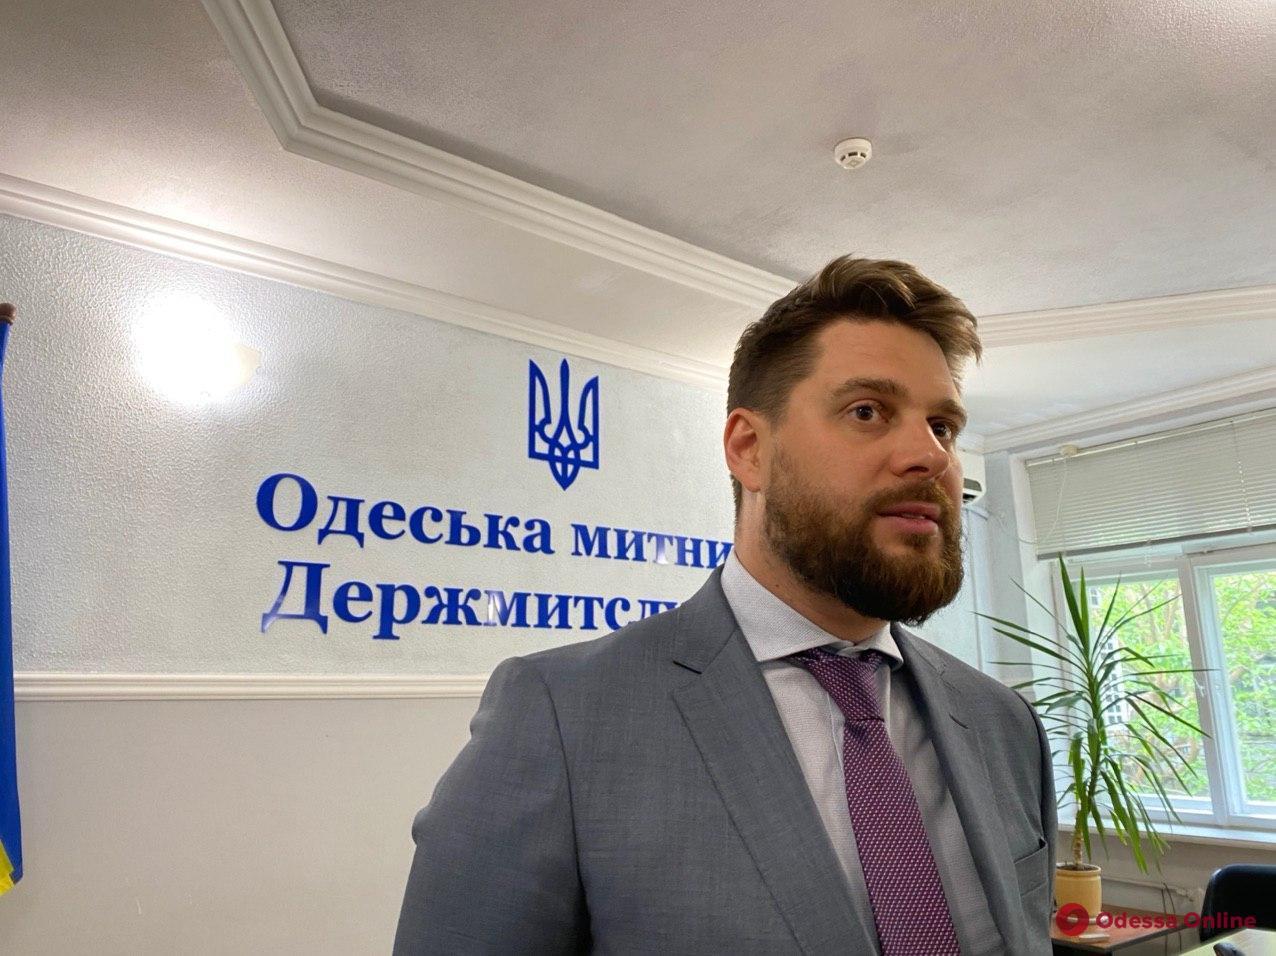 Начальник Одесской таможни о вчерашних обысках: «Можно было провести более элегантно»